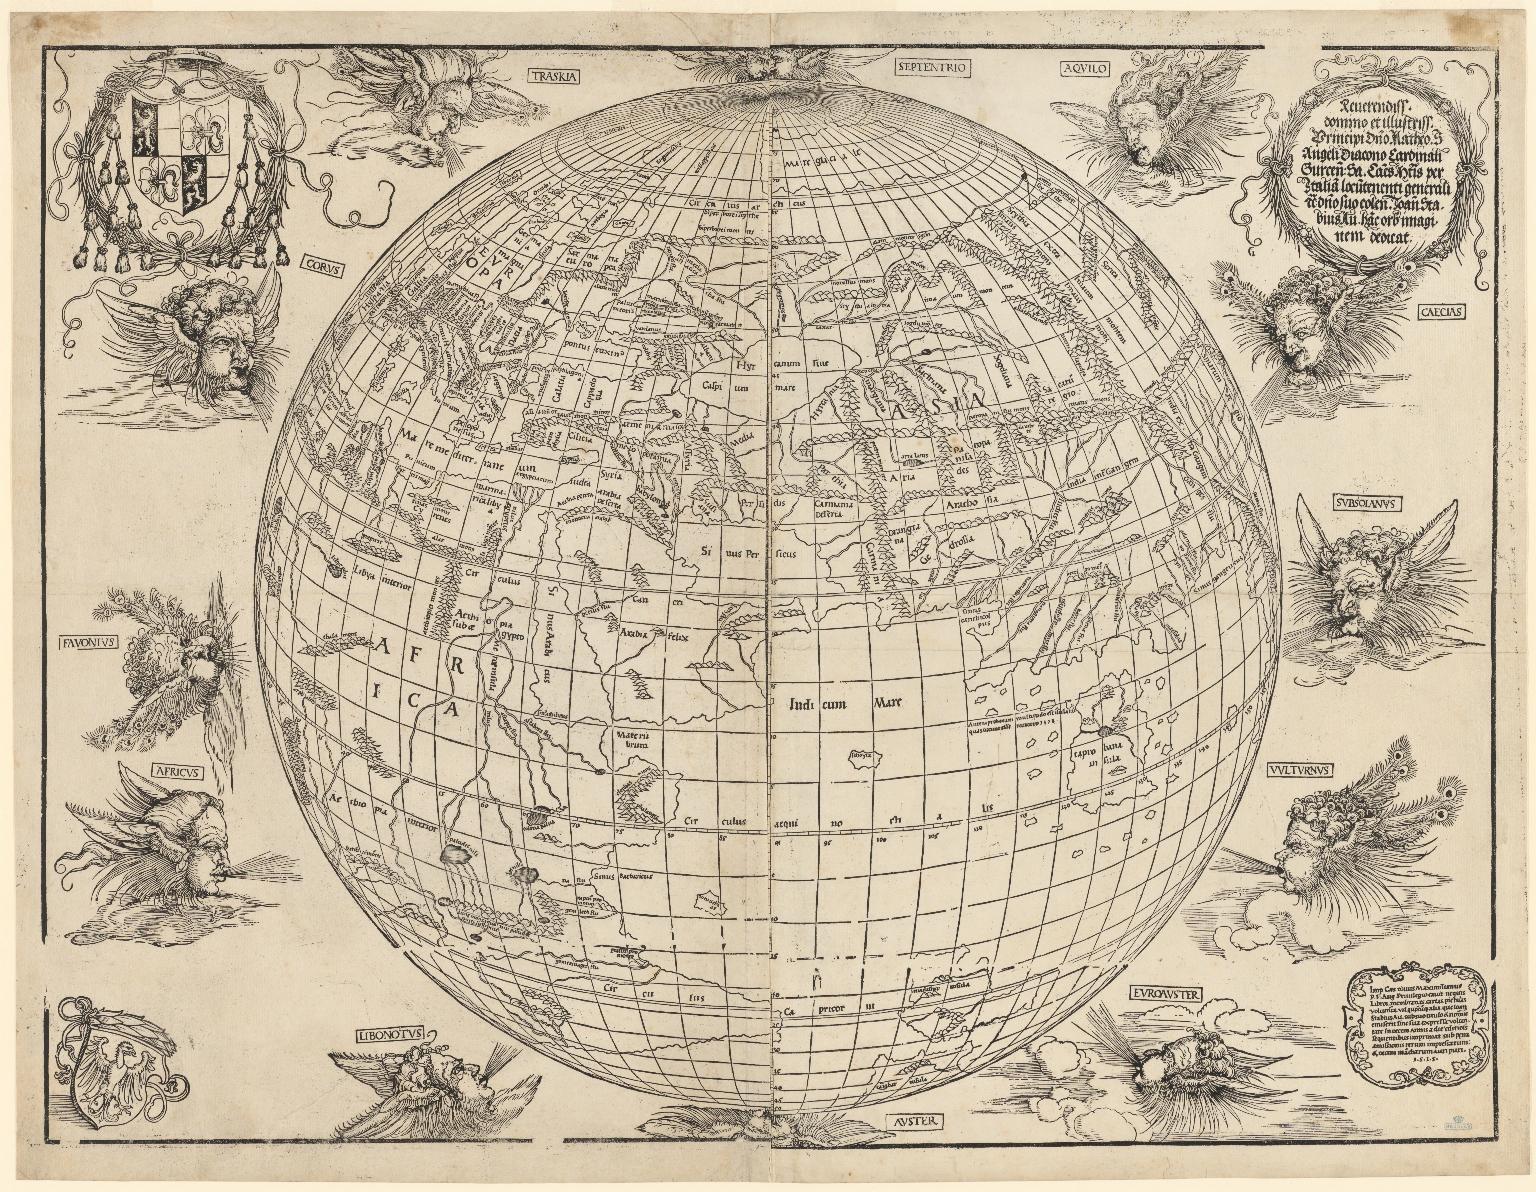 Eastern hemisphere of the terrestrial globe